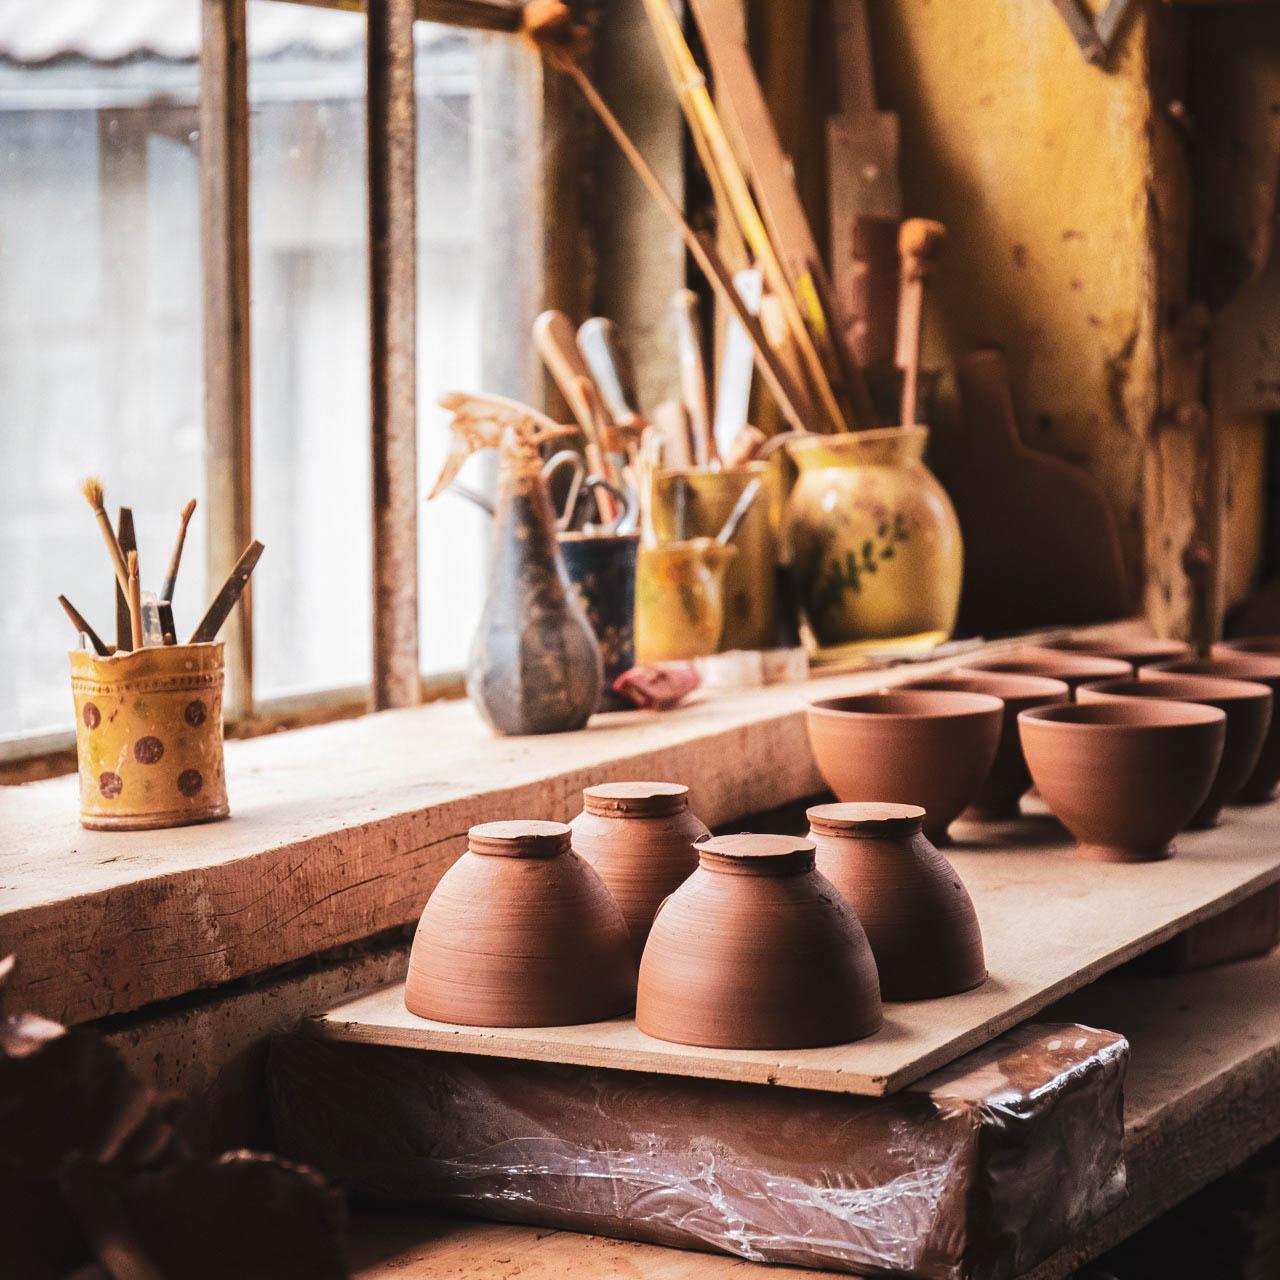 poterie-martin-3-c-cattin-alpcatmedias-le-grand-bornand-web-2-224011